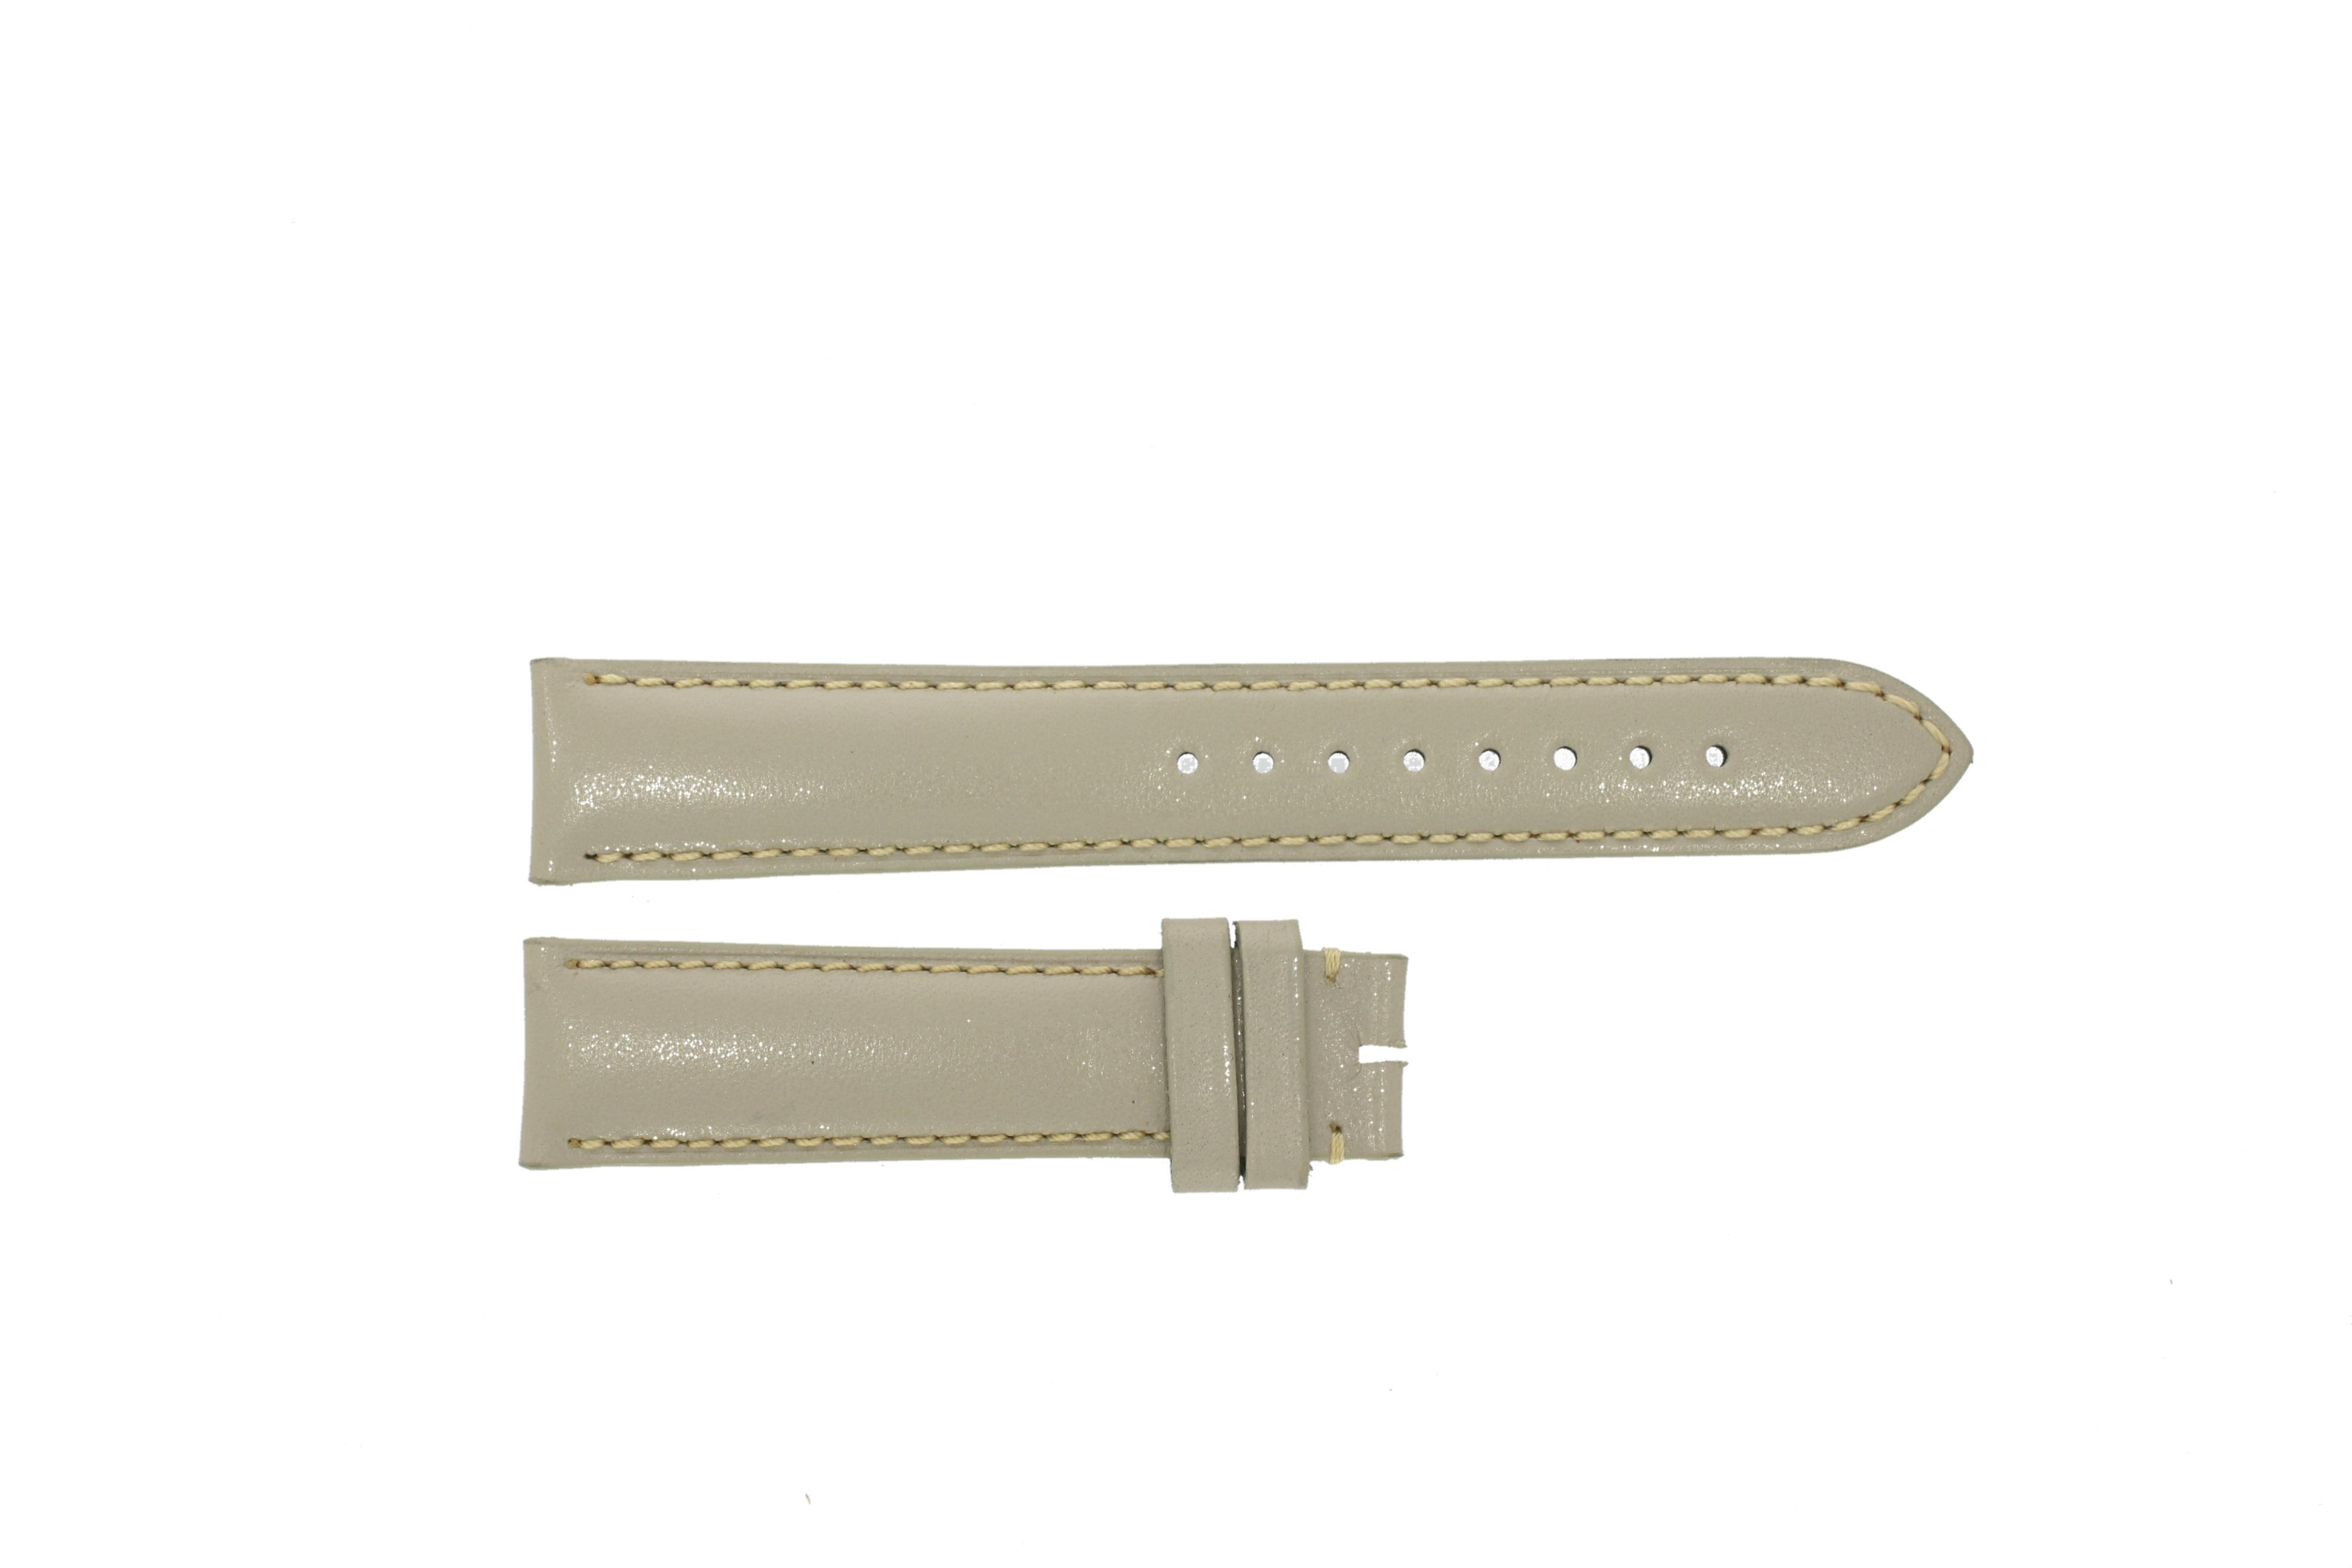 Burberry klockarmband BU9118 Läder Gräddvit / Beige / Elfenben 18mm + default sömmar